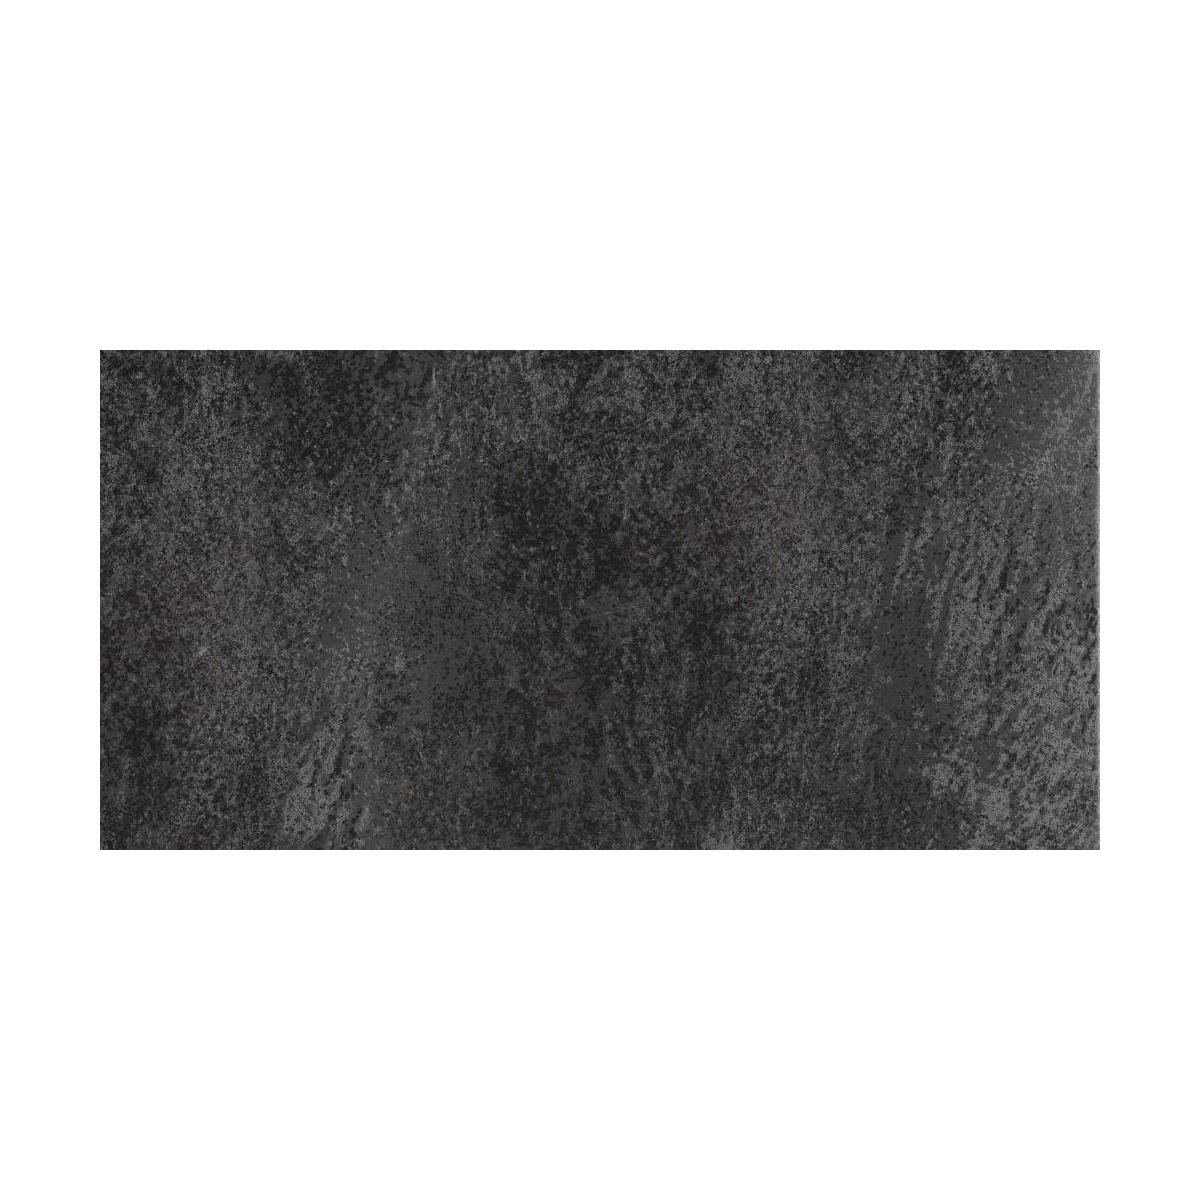 Pavimento y Azulejos Cronos Negro imitación metal óxido económico